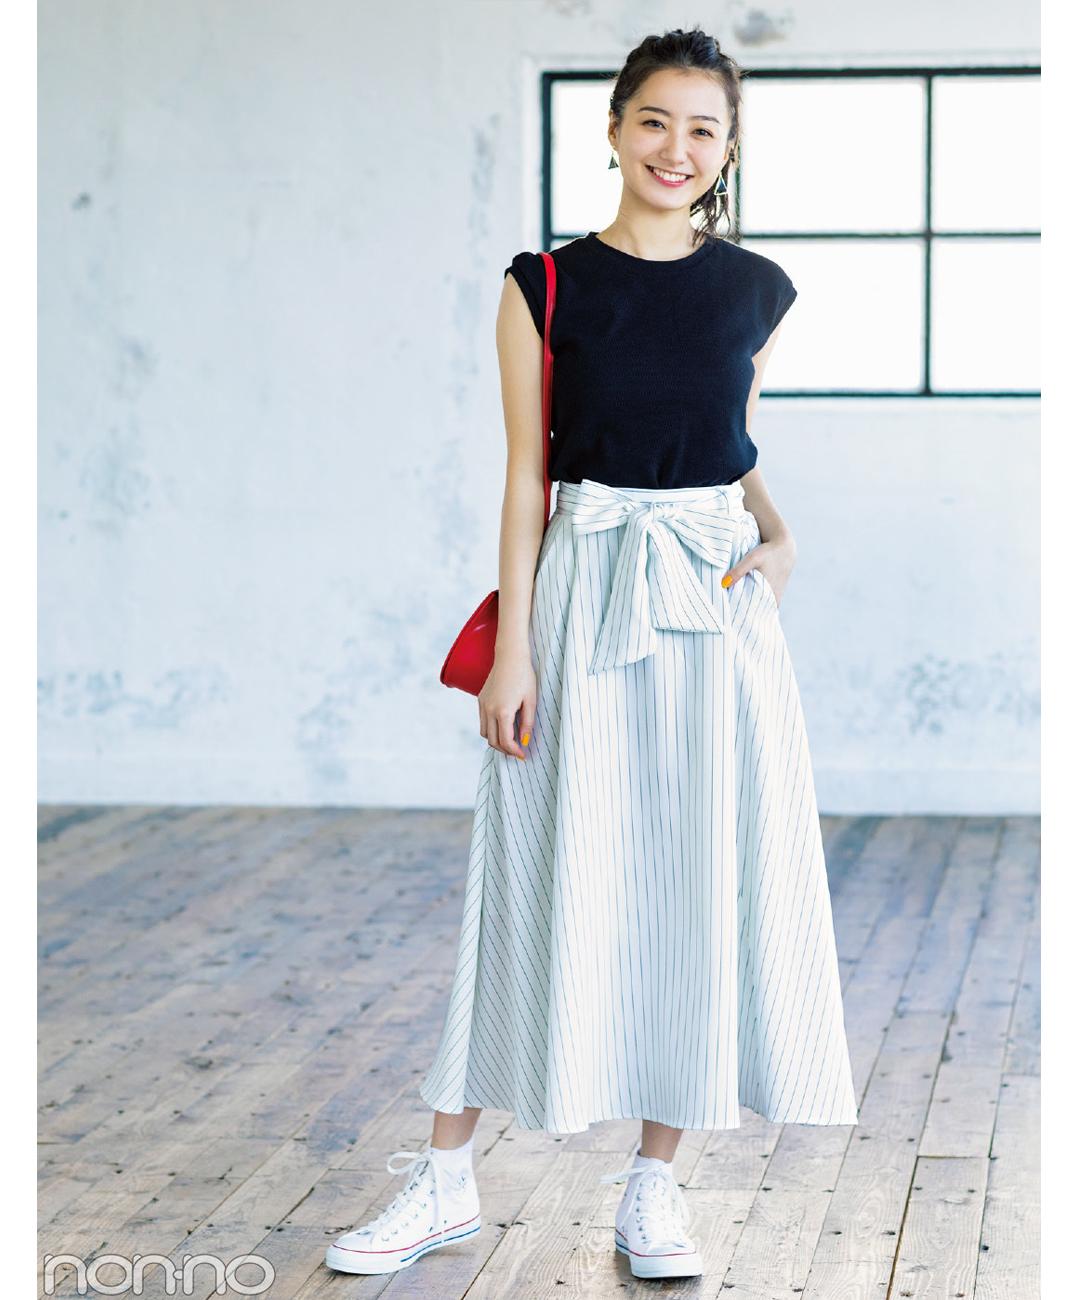 【夏のロングスカートコーデ】高田里穂は、旬のストライプで着るだけでスタイルアップ!